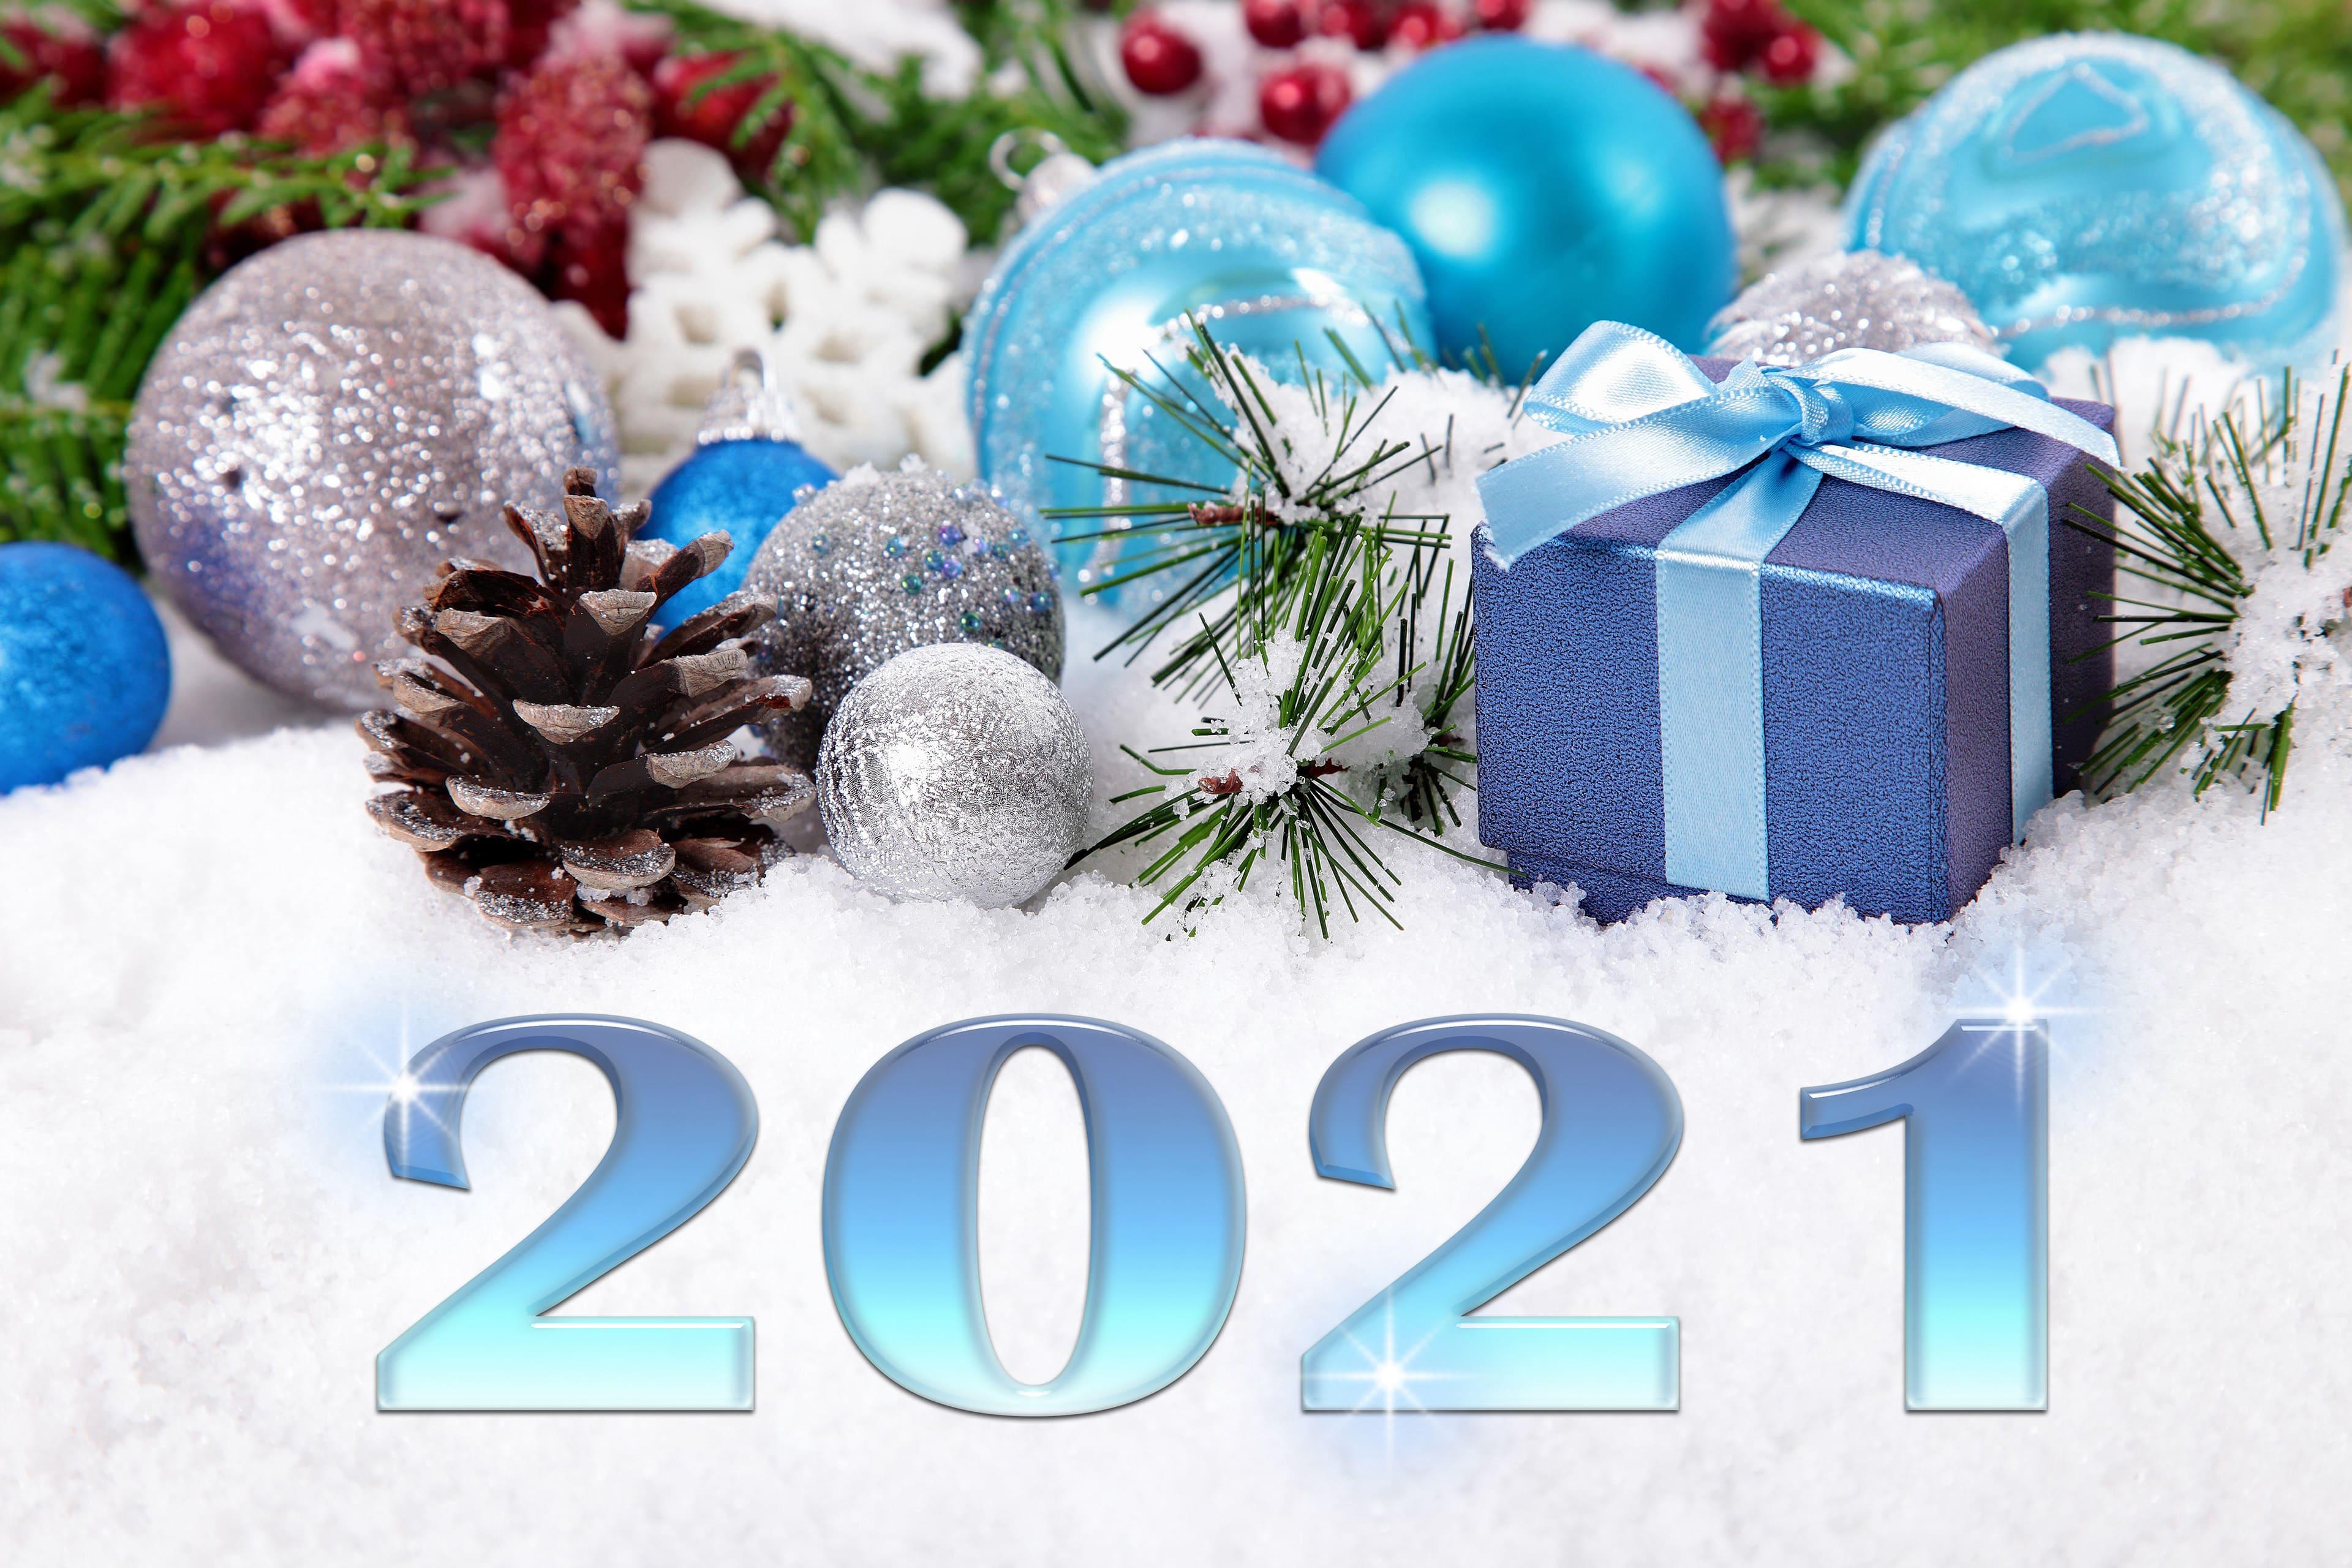 HDoboi.Kiev.ua - Новогодние игрушки, цифры 2021, Новый год